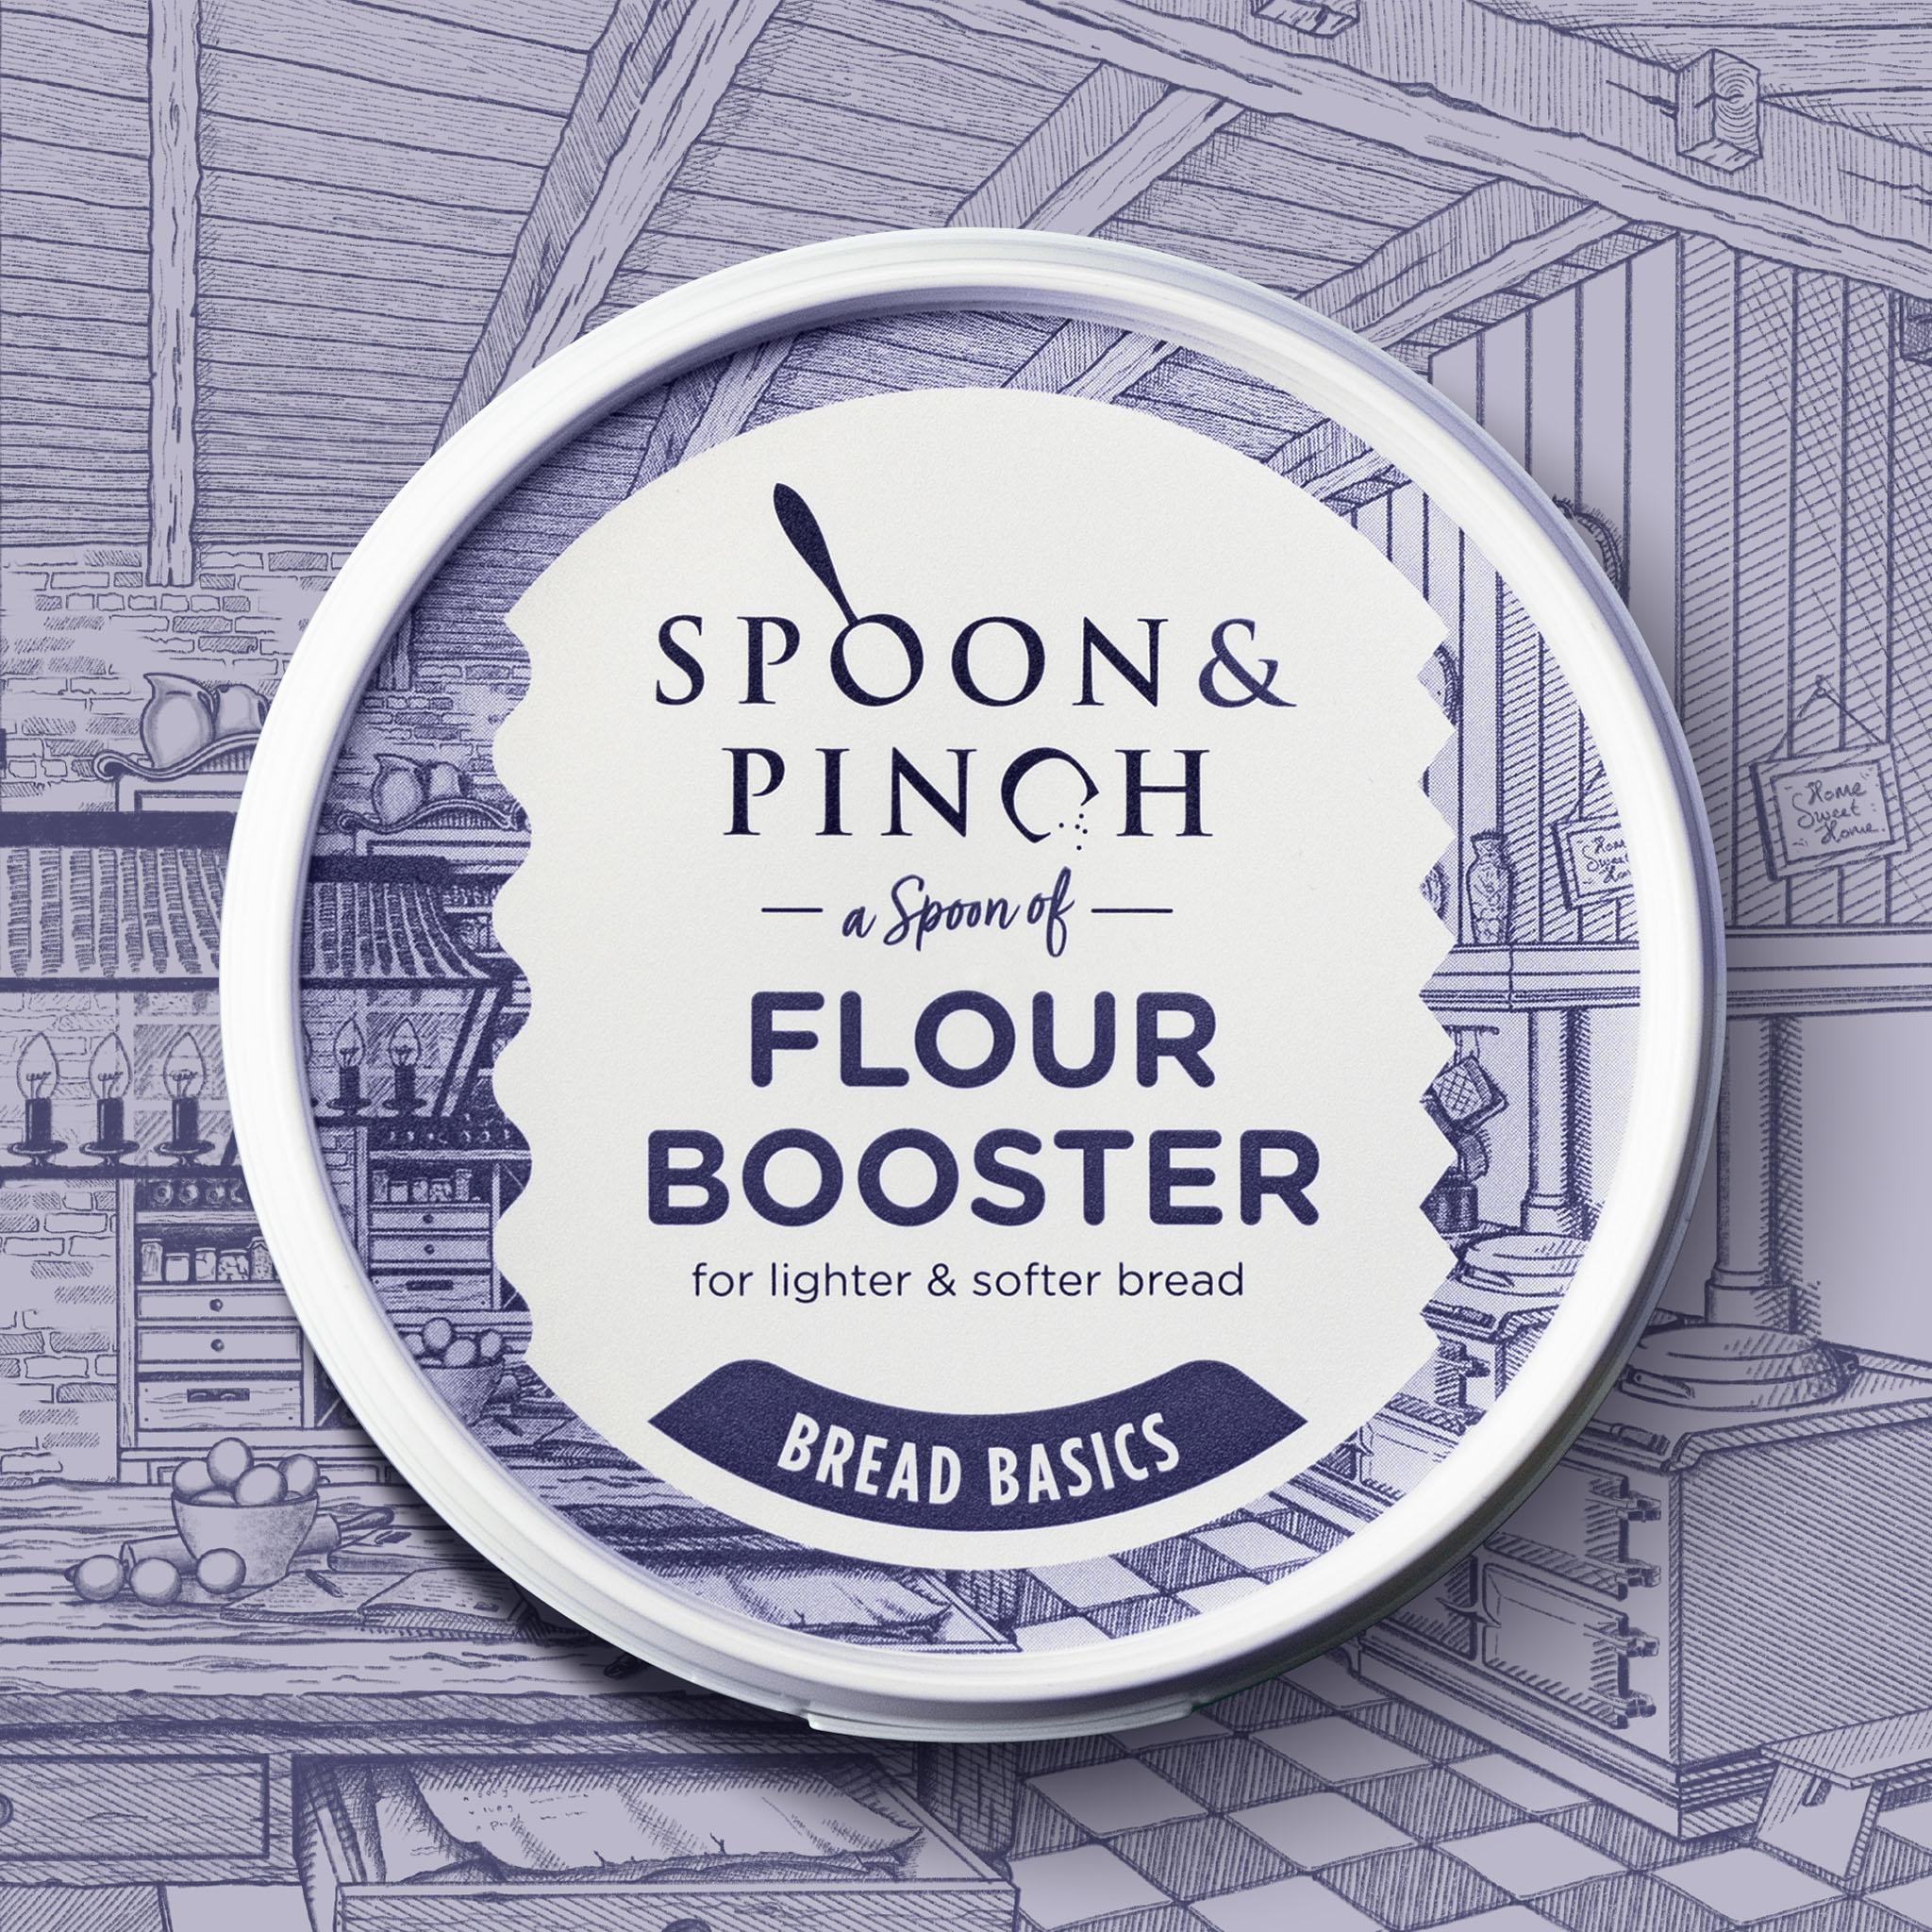 Spoon & Pinch Packaging Design Created by Van Heertum Design